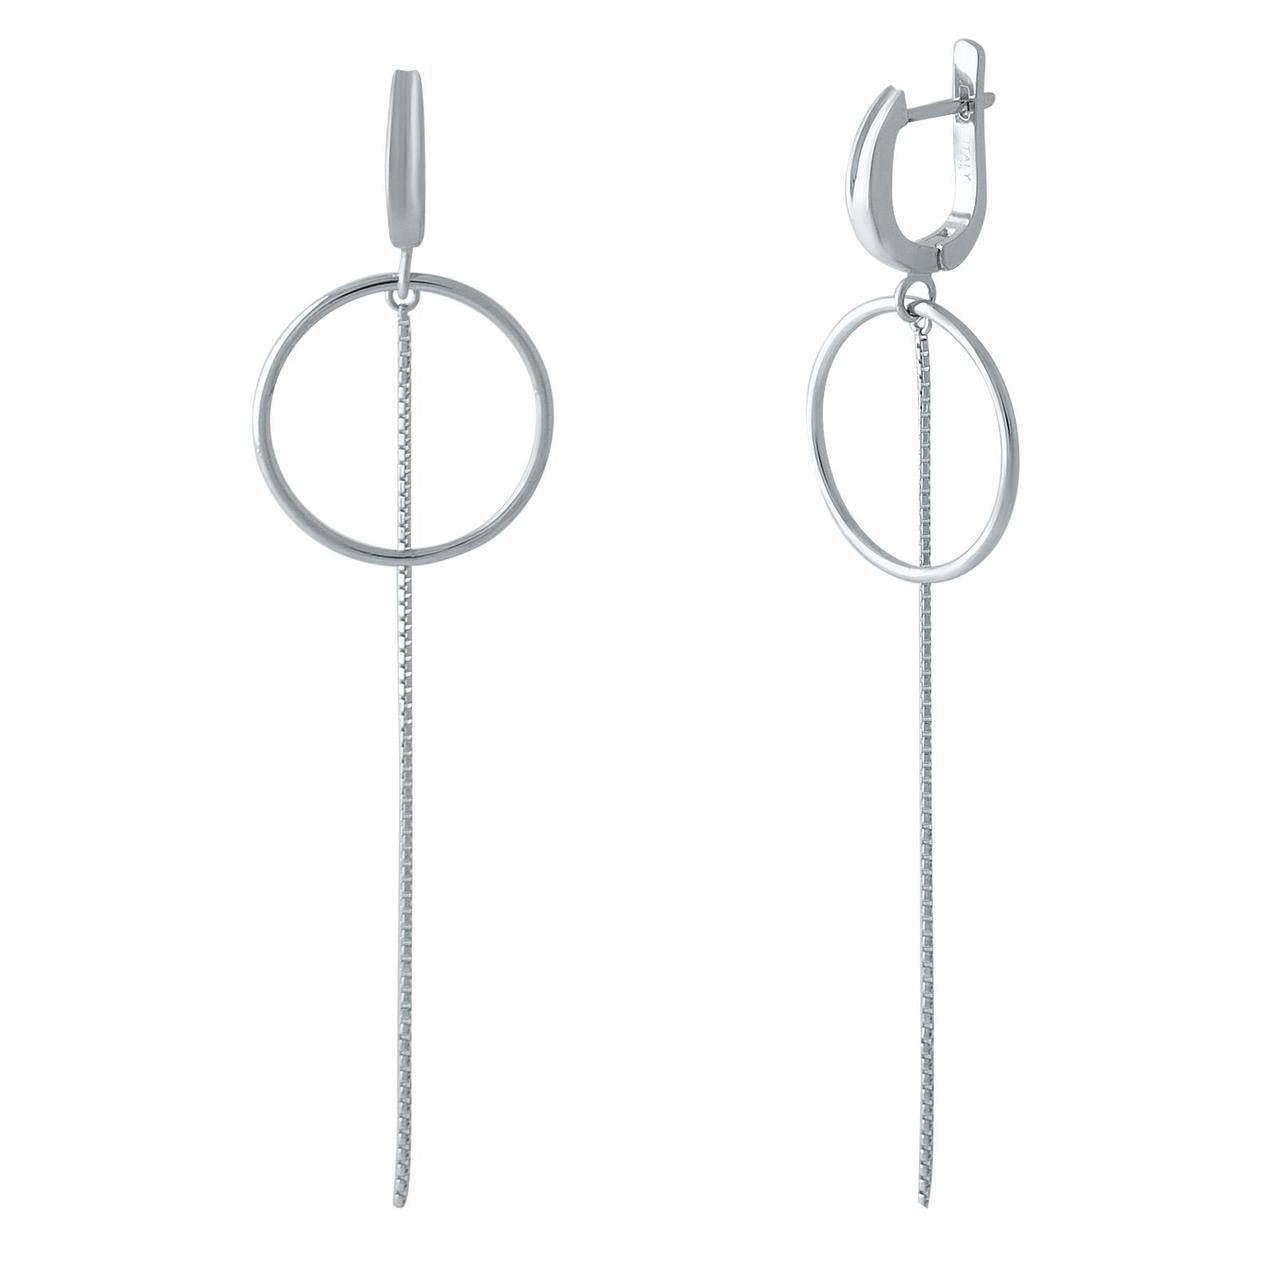 Срібні сережки pSilverAlex без каменів (1973325)